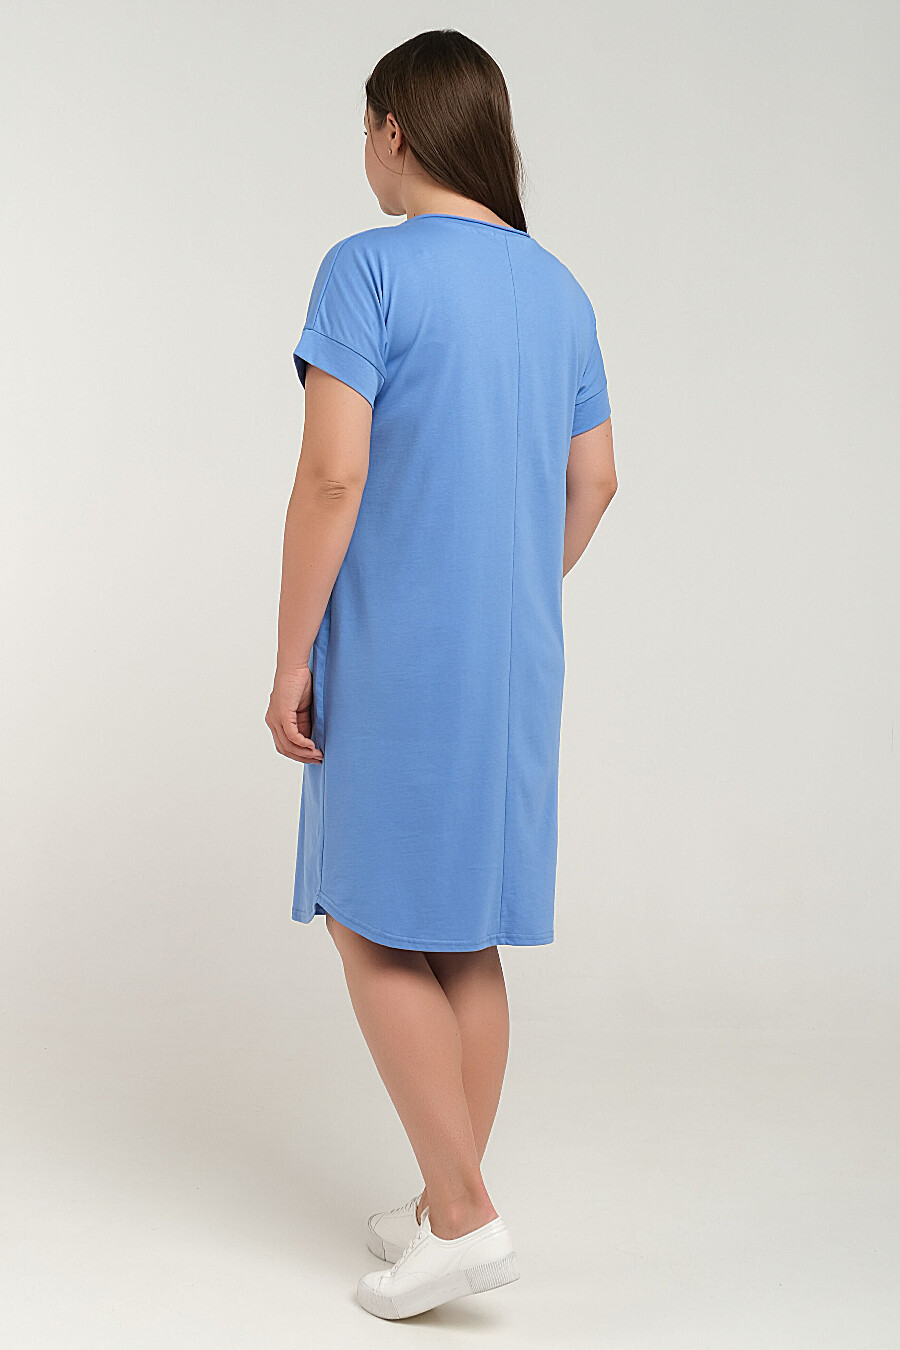 Платье ODEVAITE (665965), купить в Moyo.moda